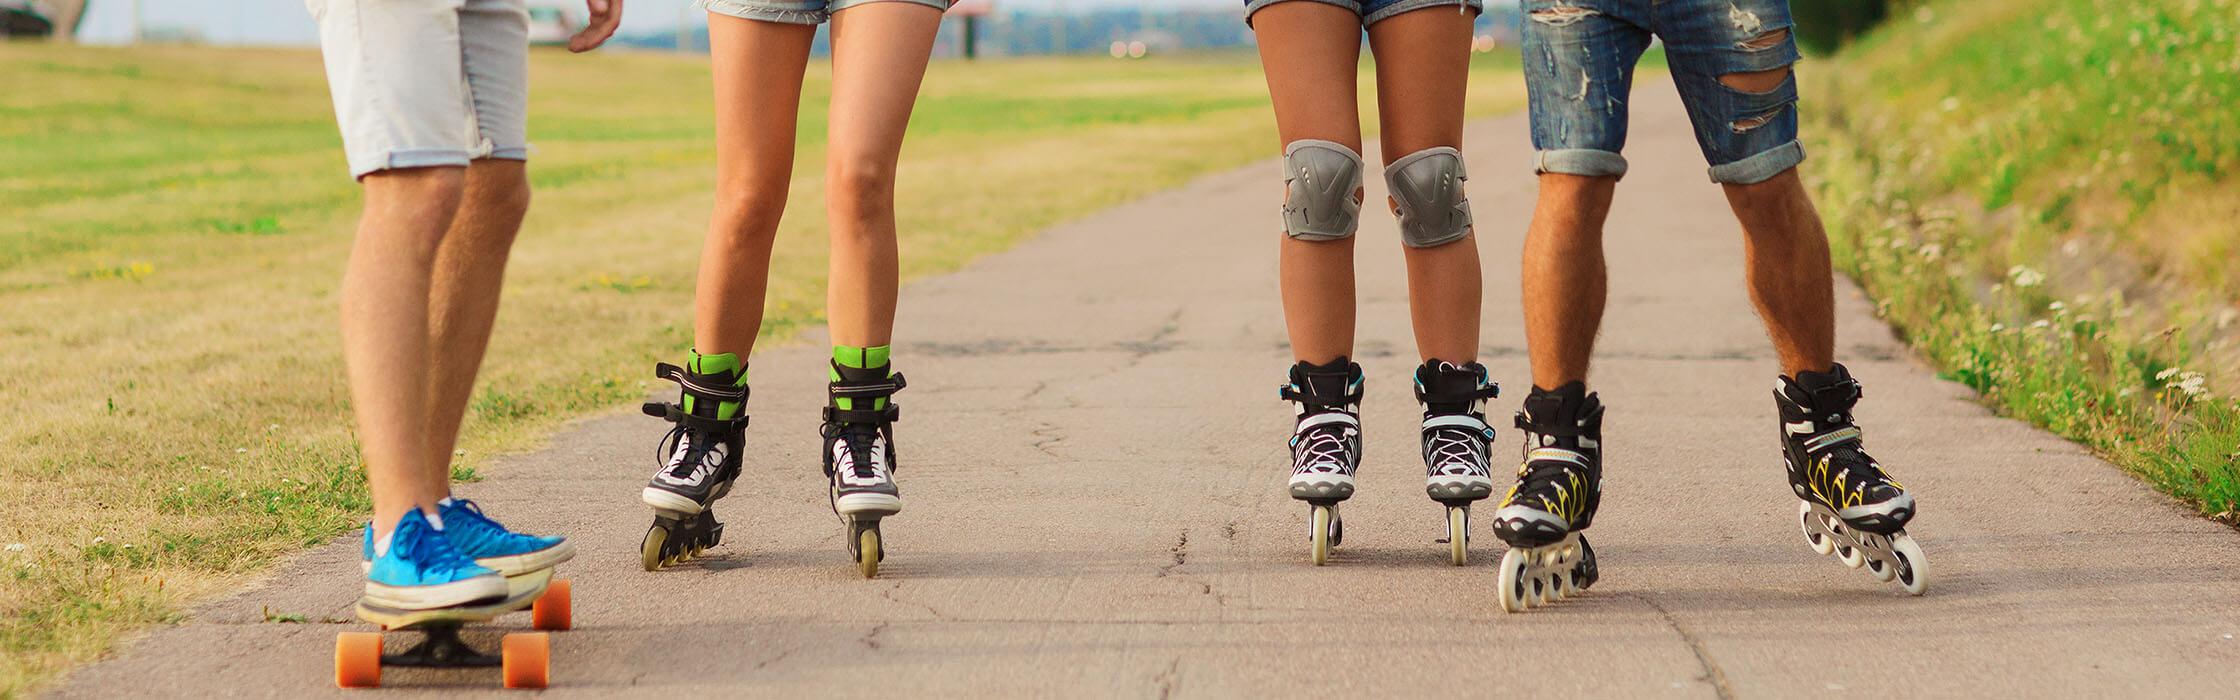 Cuatro pares de piernas con patines y monopatín